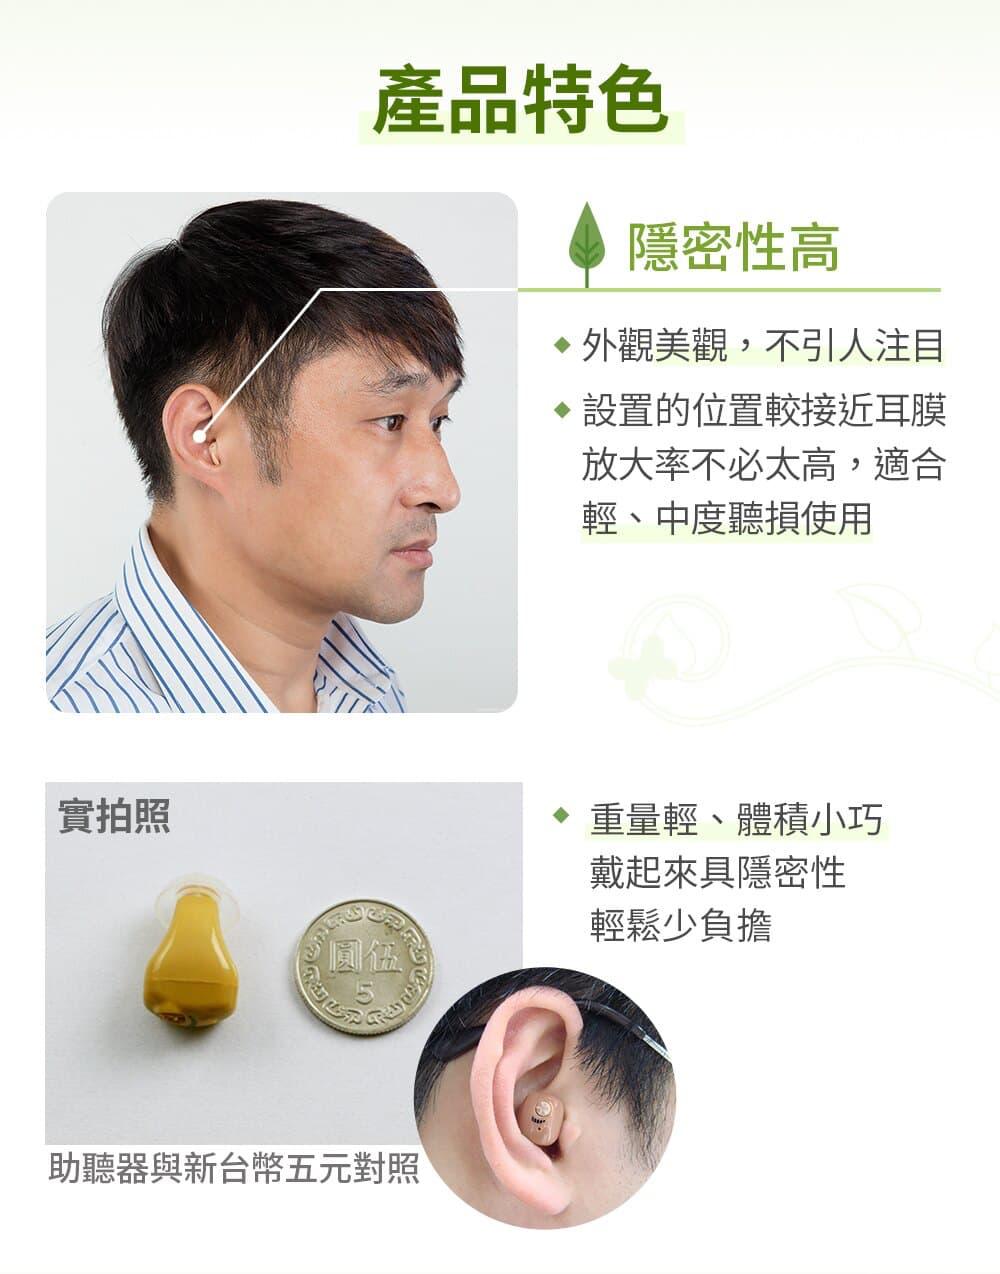 耳內式助聽器推薦介紹